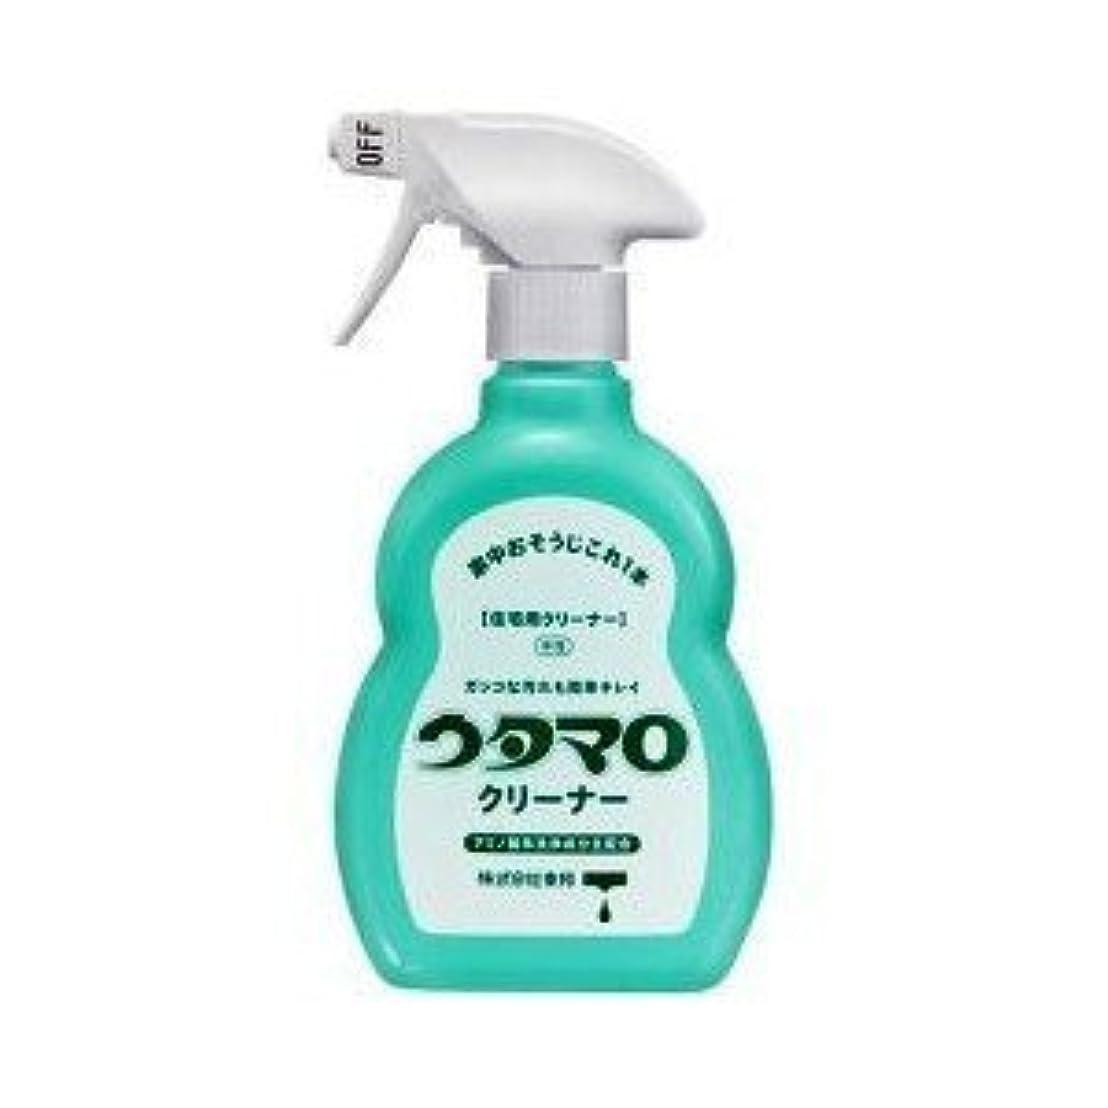 ジェームズダイソン風刺イルウタマロ クリーナー 400ml 洗剤 住居用 アミノ酸系洗浄成分主配合 さわやかなグリーンハーブの香り